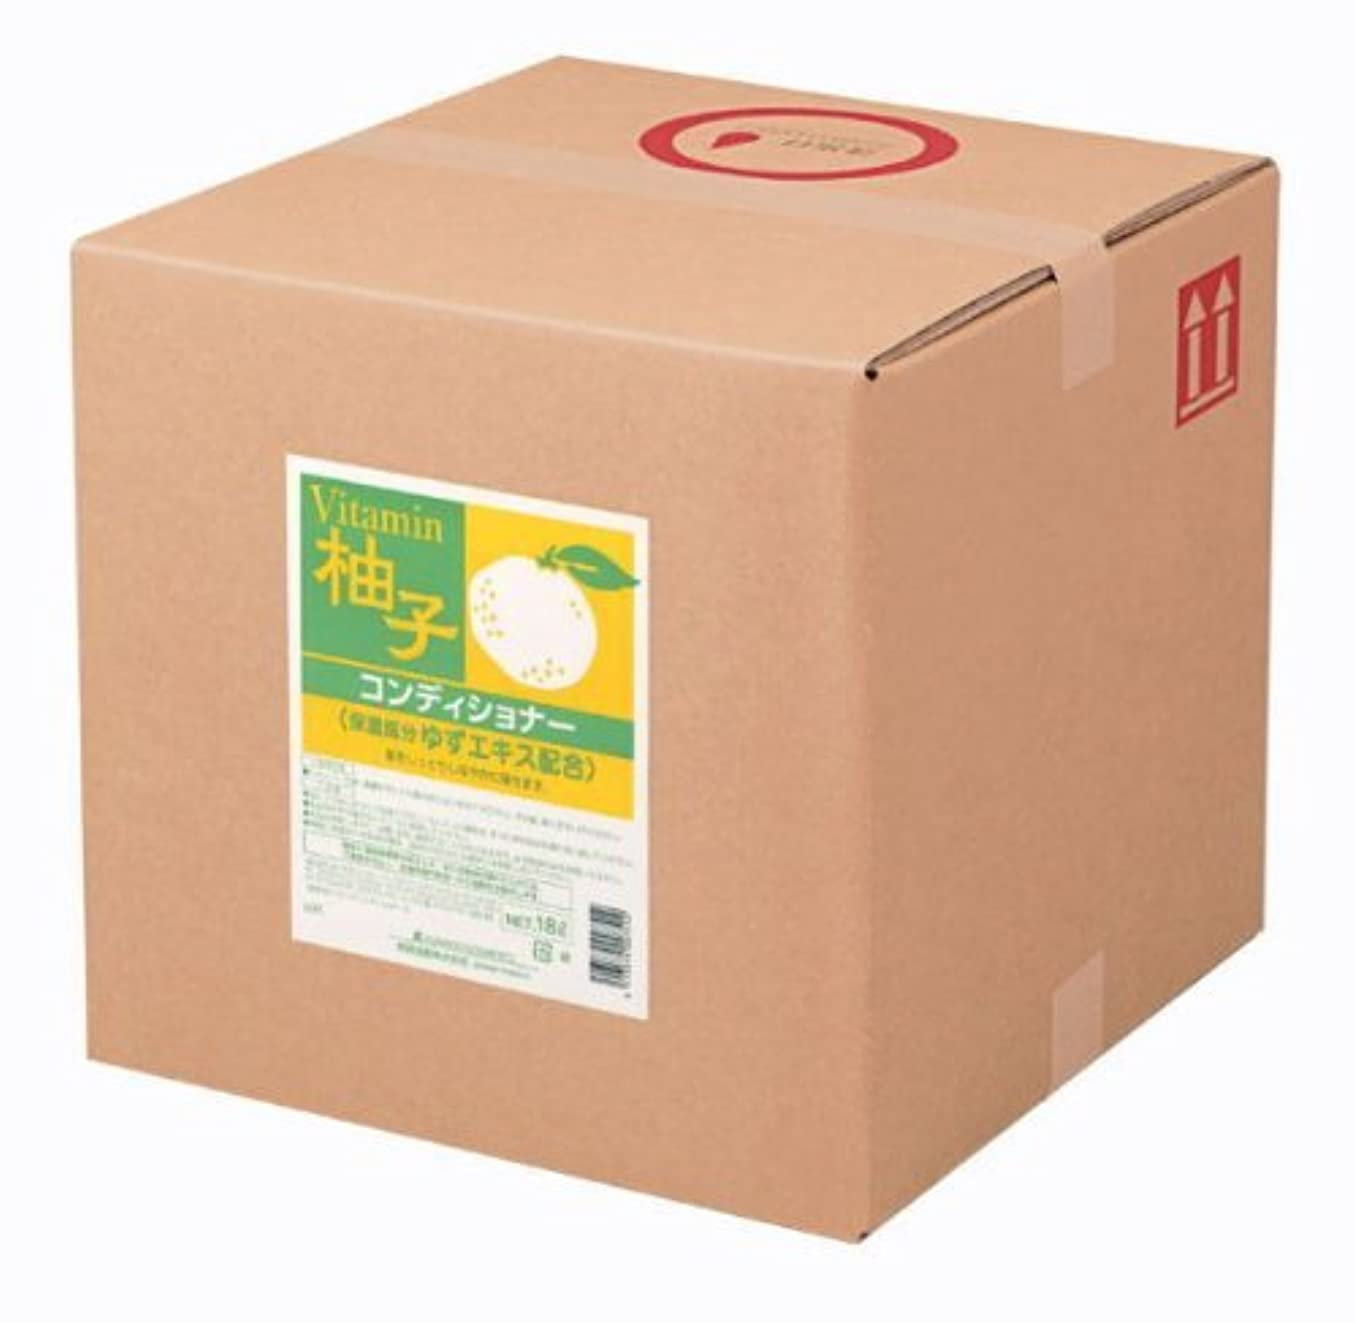 贅沢言い聞かせるランチョン熊野油脂 業務用 柚子 コンディショナー 18L